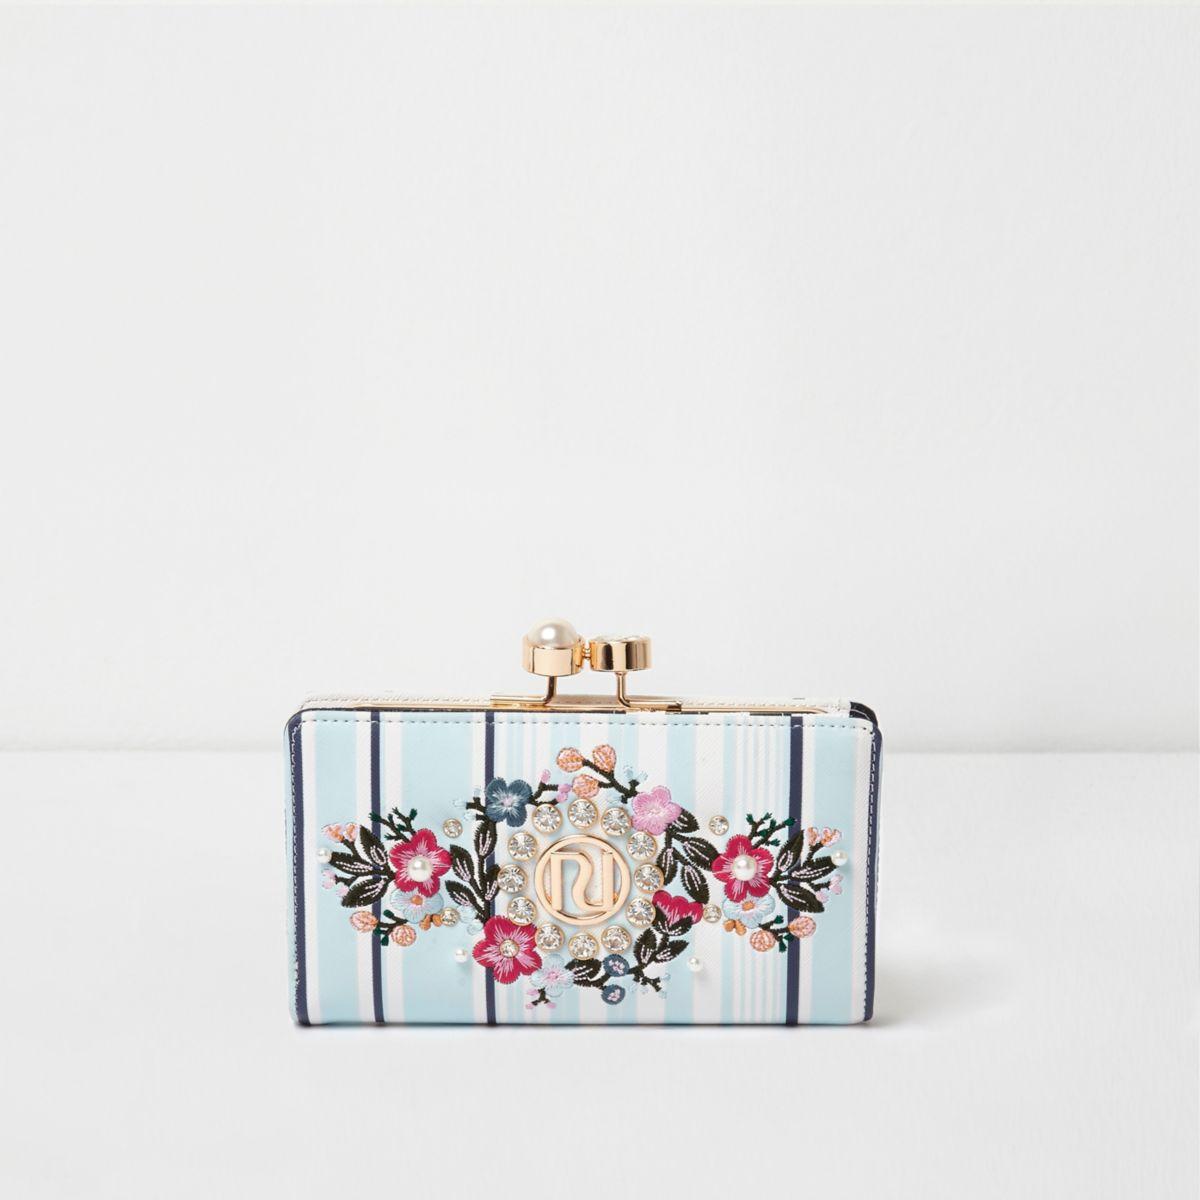 Blauwe gestreepte geborduurde portemonnee met druksluiting en bloemenprint